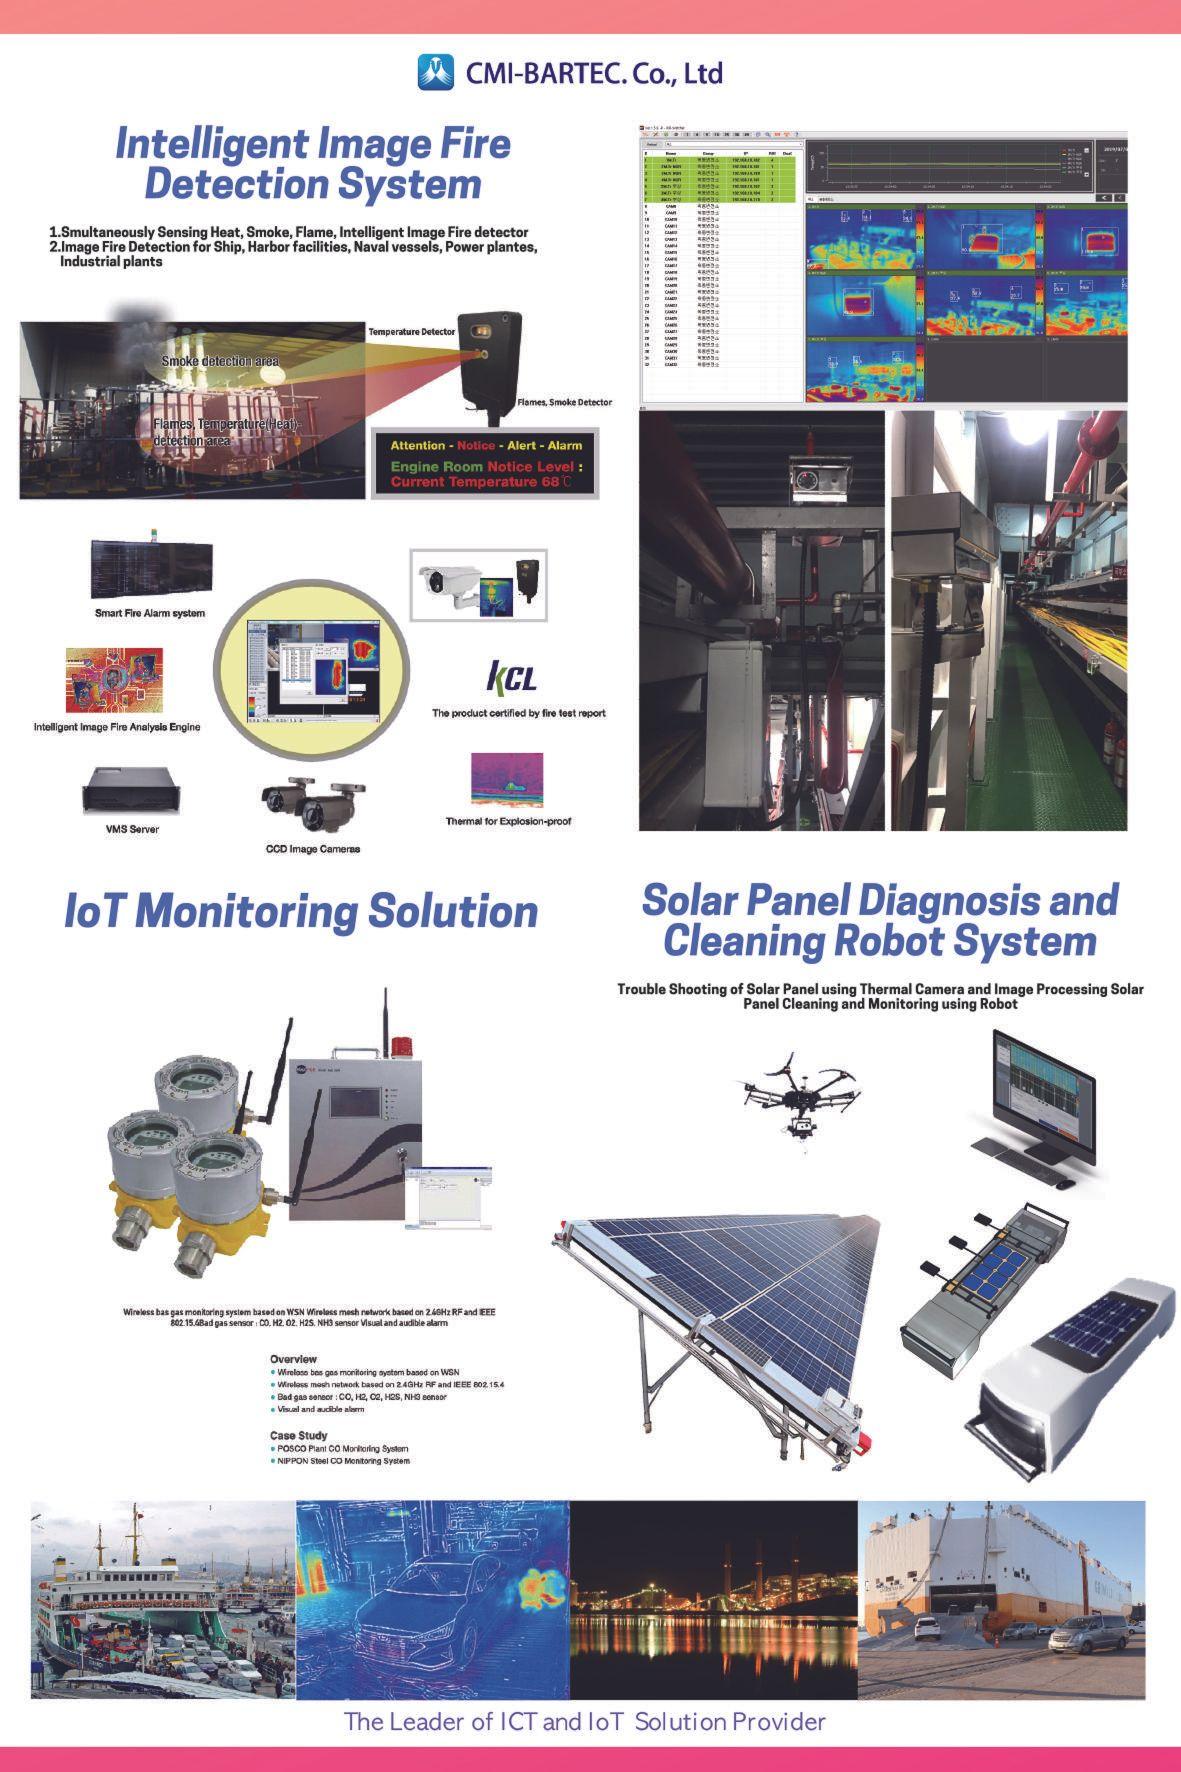 CMI-BARTEC Co., Ltd.